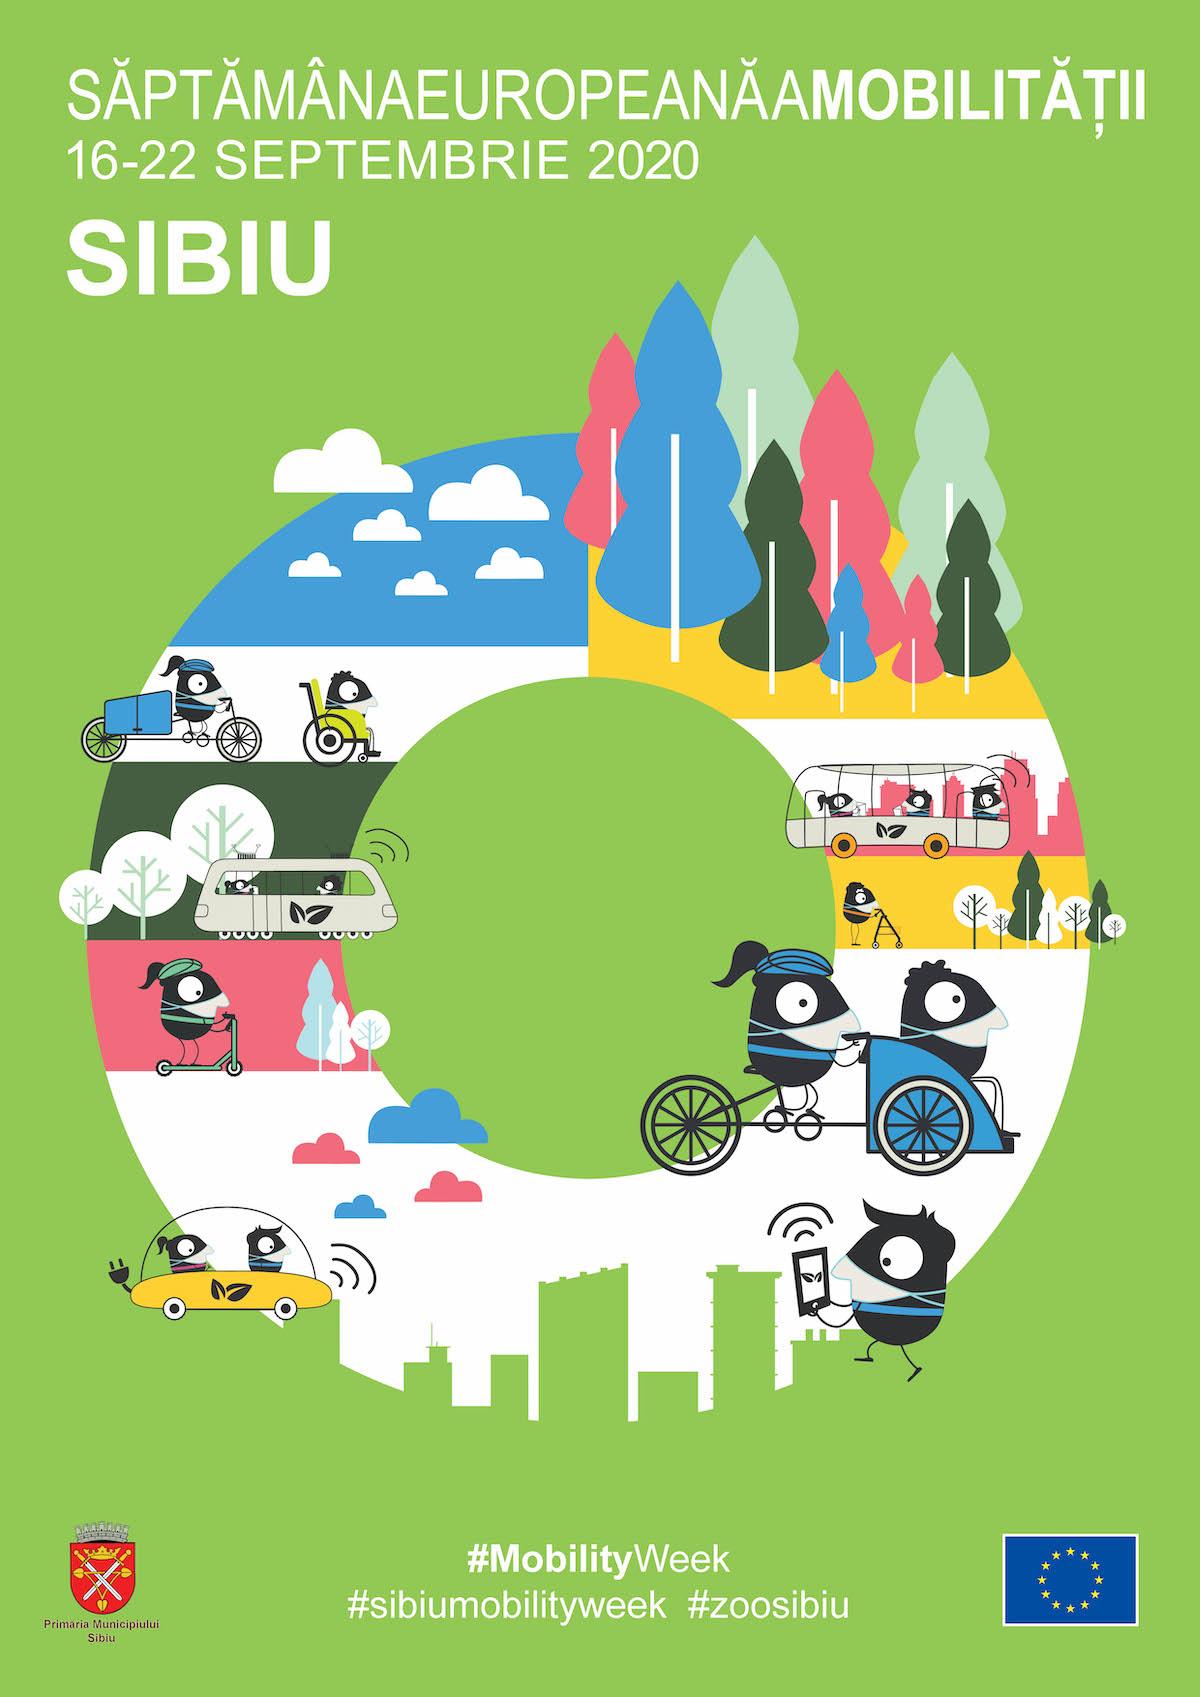 Programul complet pentru Săptămâna Europeană a Mobilității la Sibiu